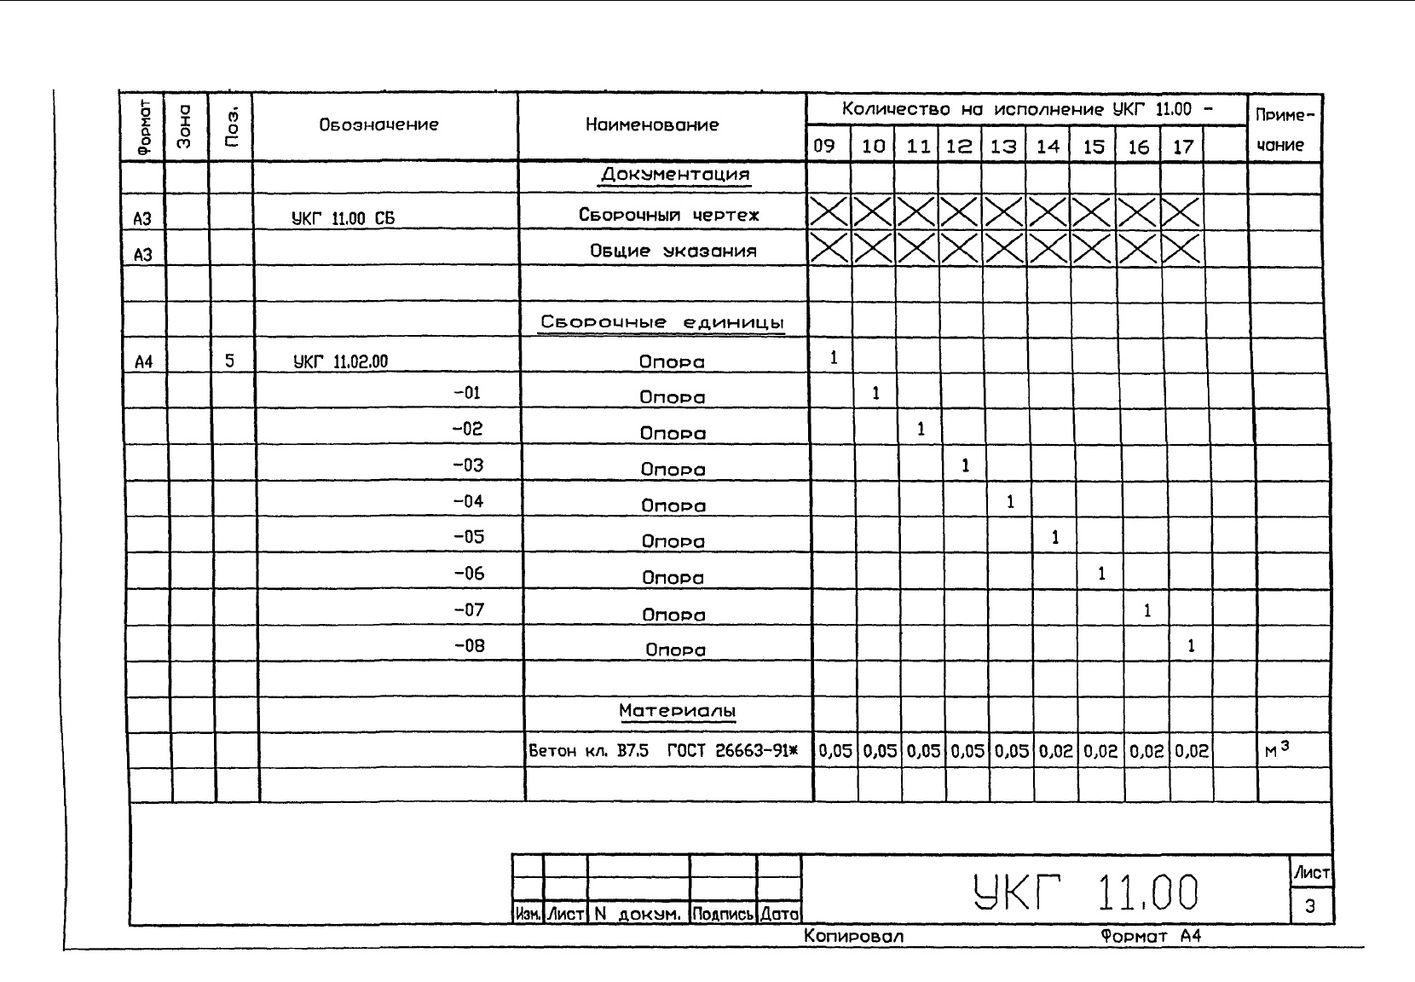 Крепление газопровода на опоре из труб УКГ 11.00 СБ серия 5.905-18.05 выпуск 1 стр.5